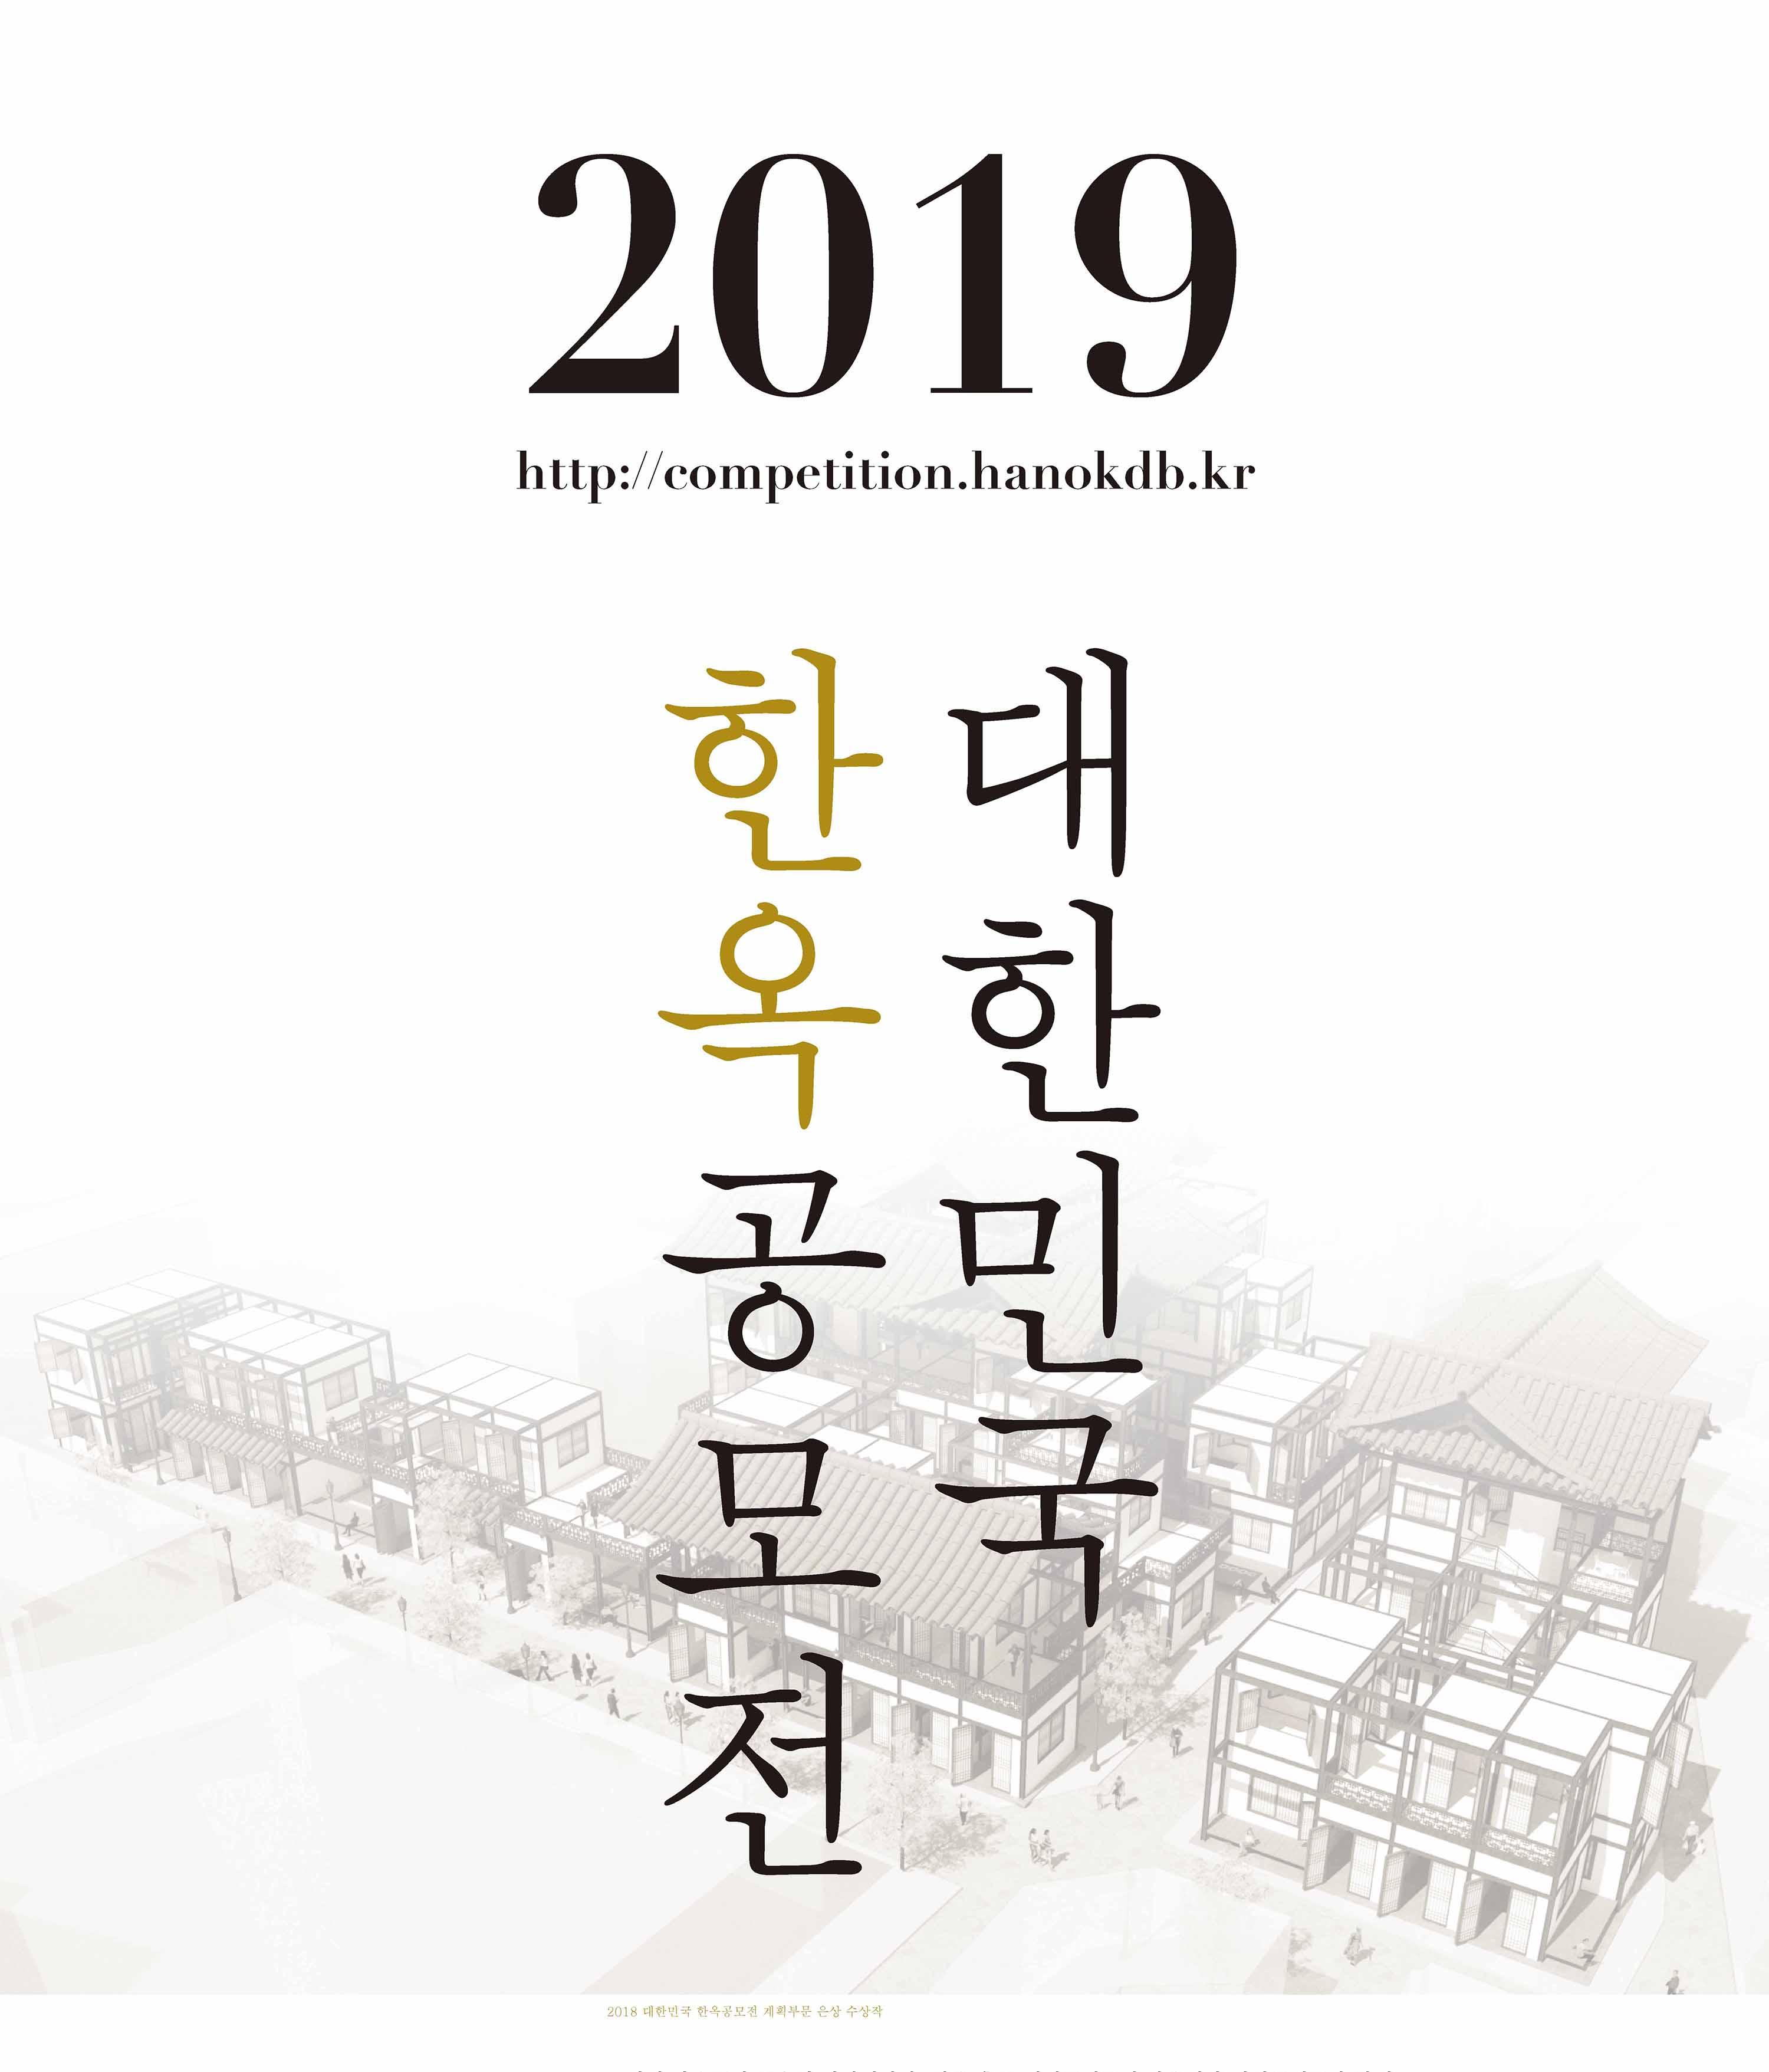 붙임. 2019 대한민국 한옥공모전 포스터.jpg